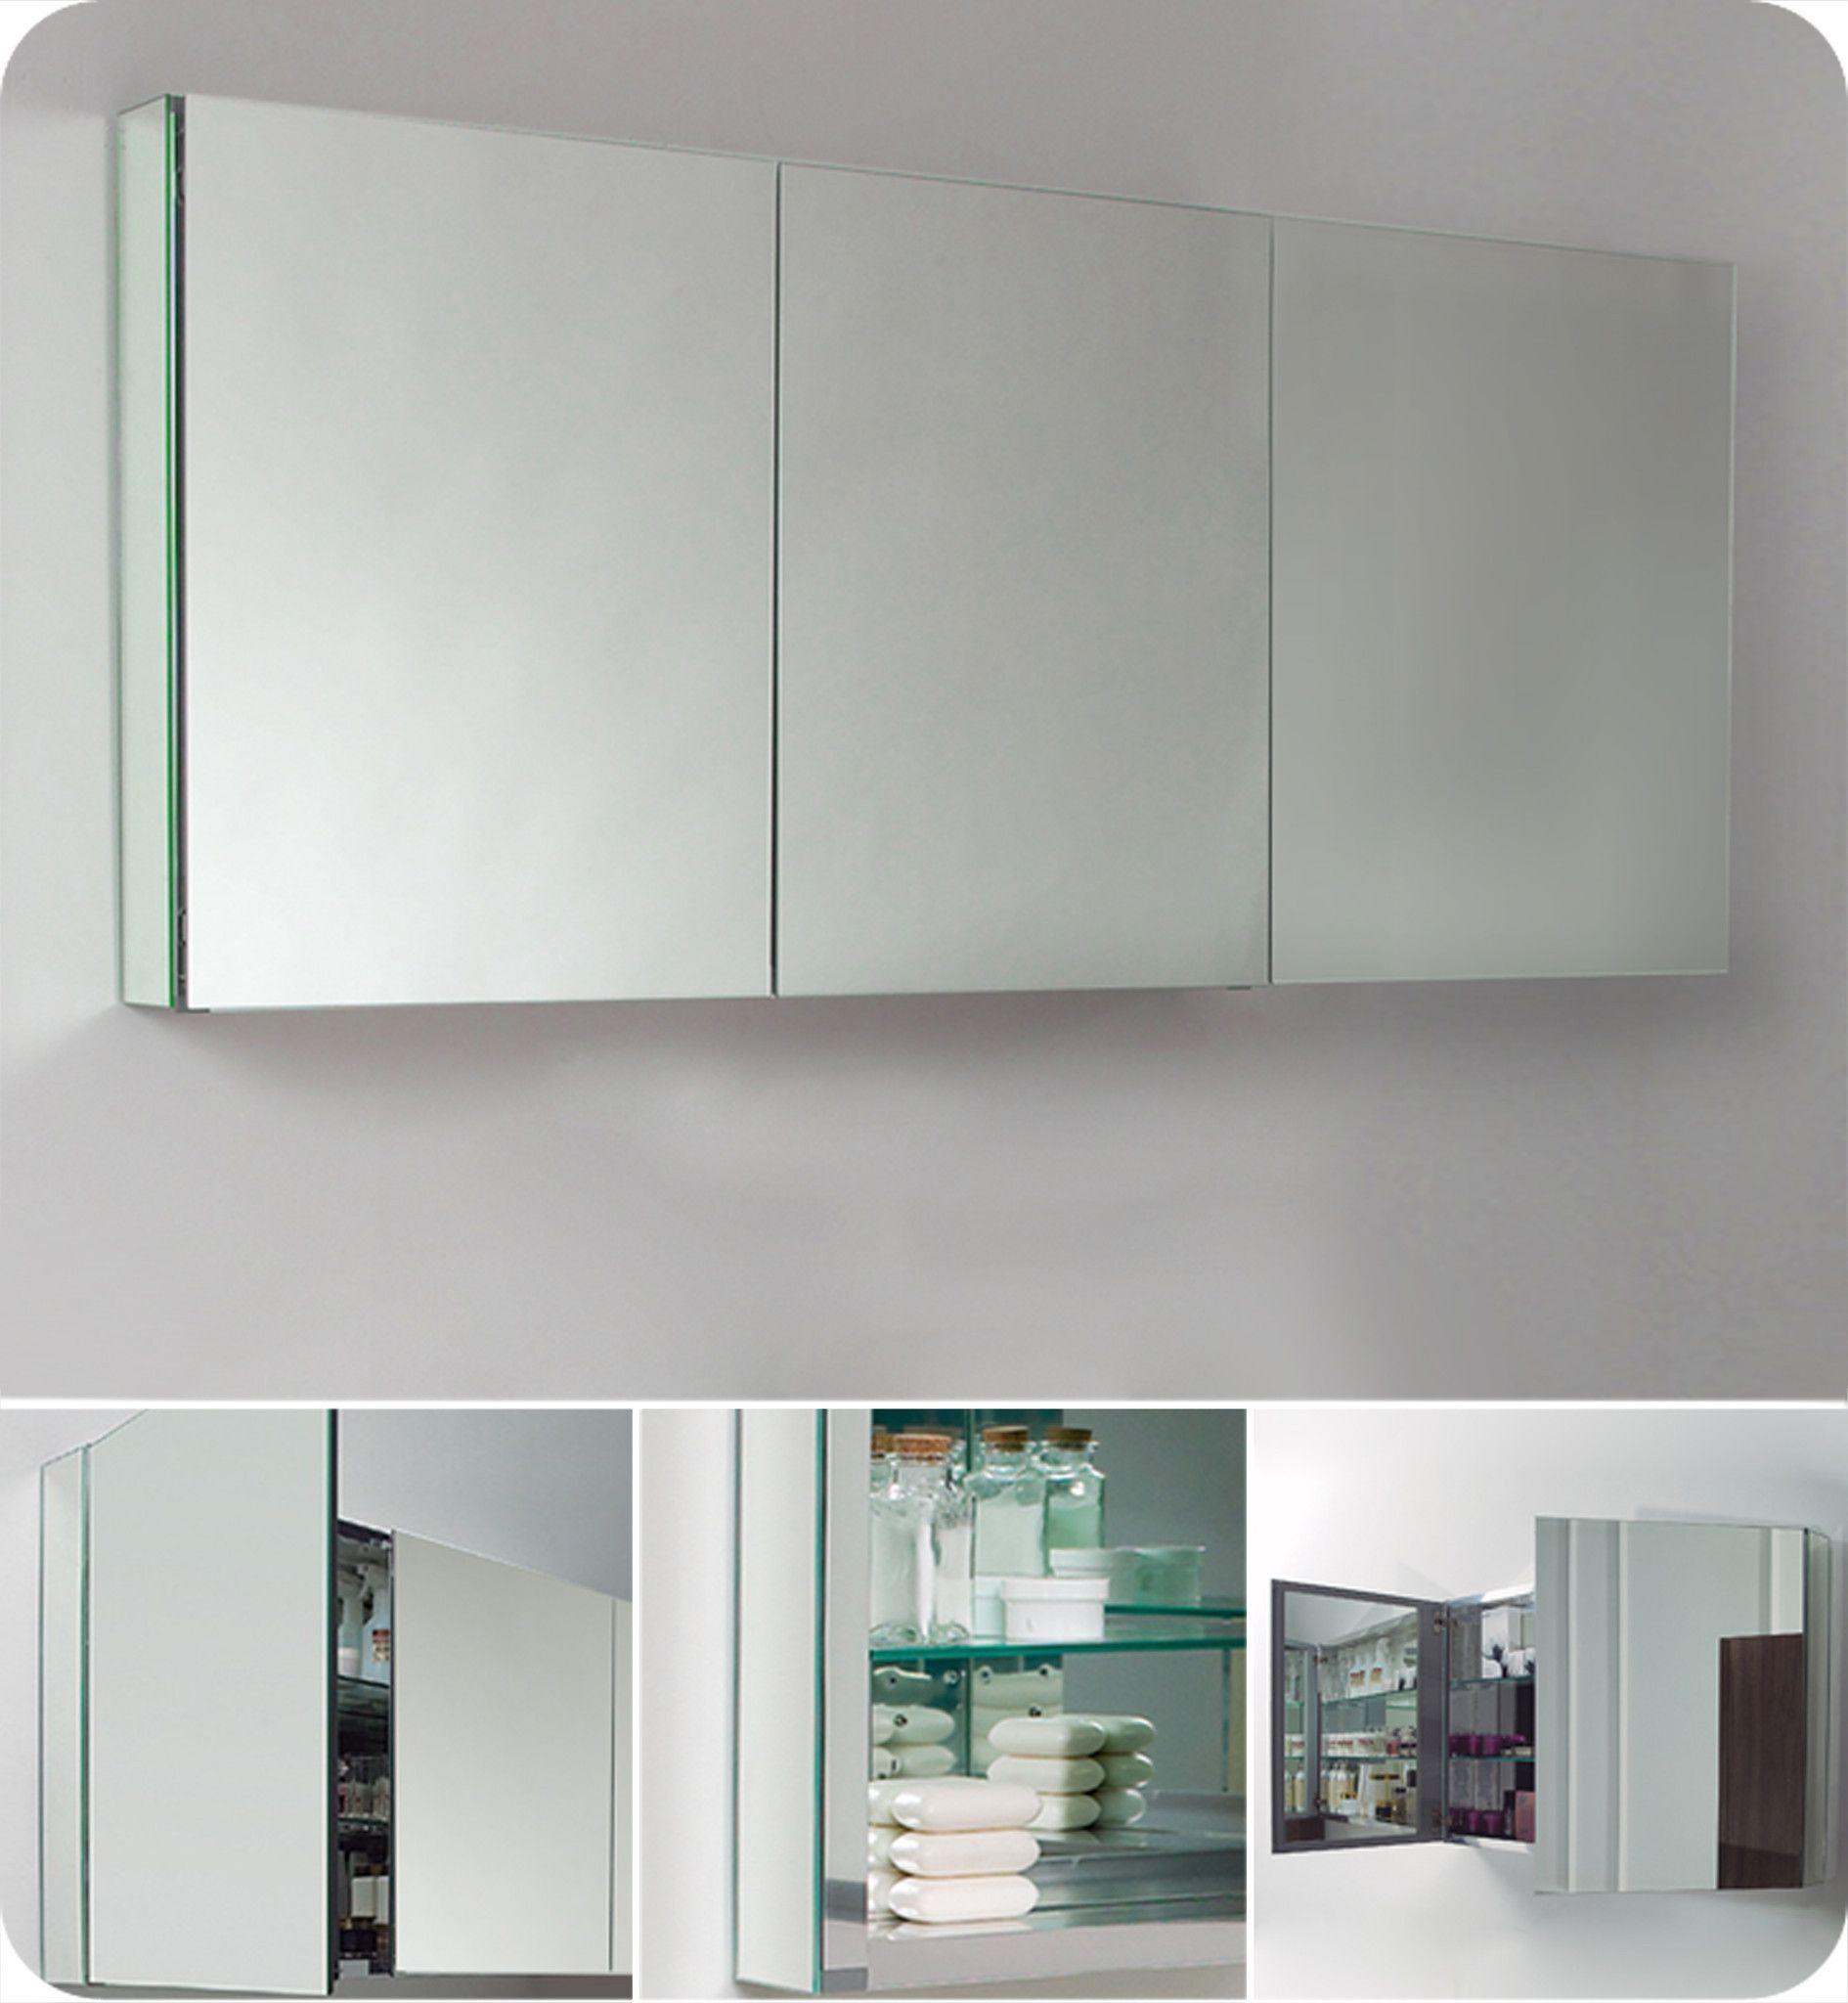 Fresca 60 Wide Bathroom Medicine Cabinet W Mirrors With Images Bathroom Medicine Cabinet Mirror Medicine Cabinet Mirror Recessed Medicine Cabinet